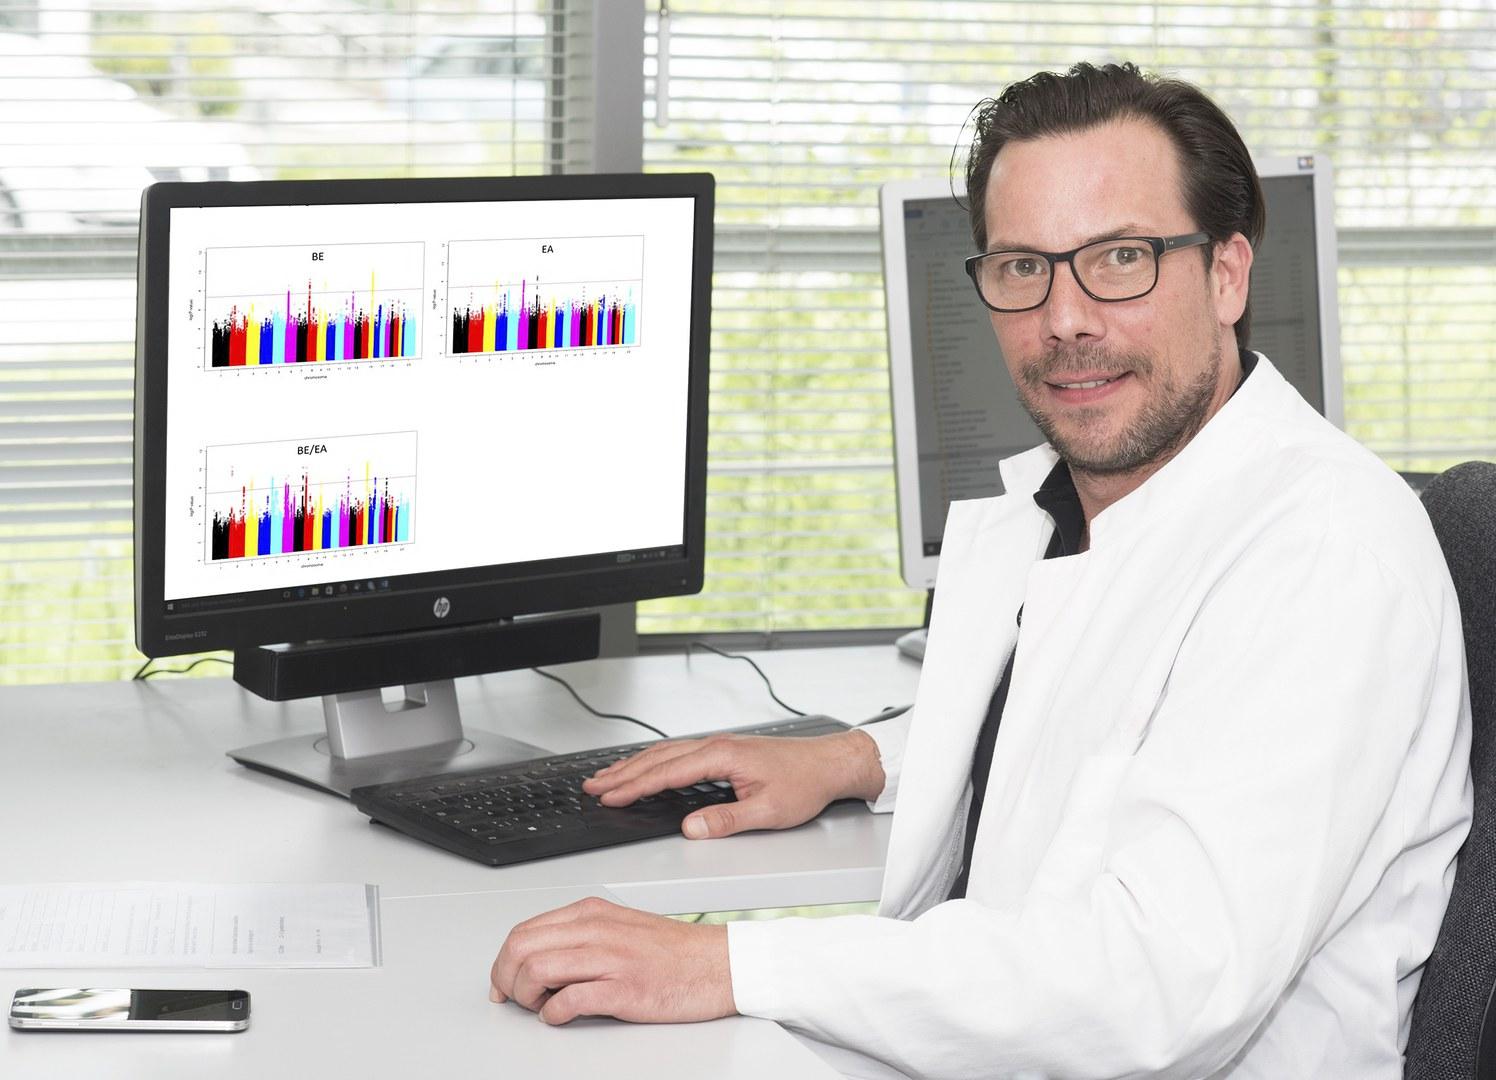 Dr. Johannes Schumacher